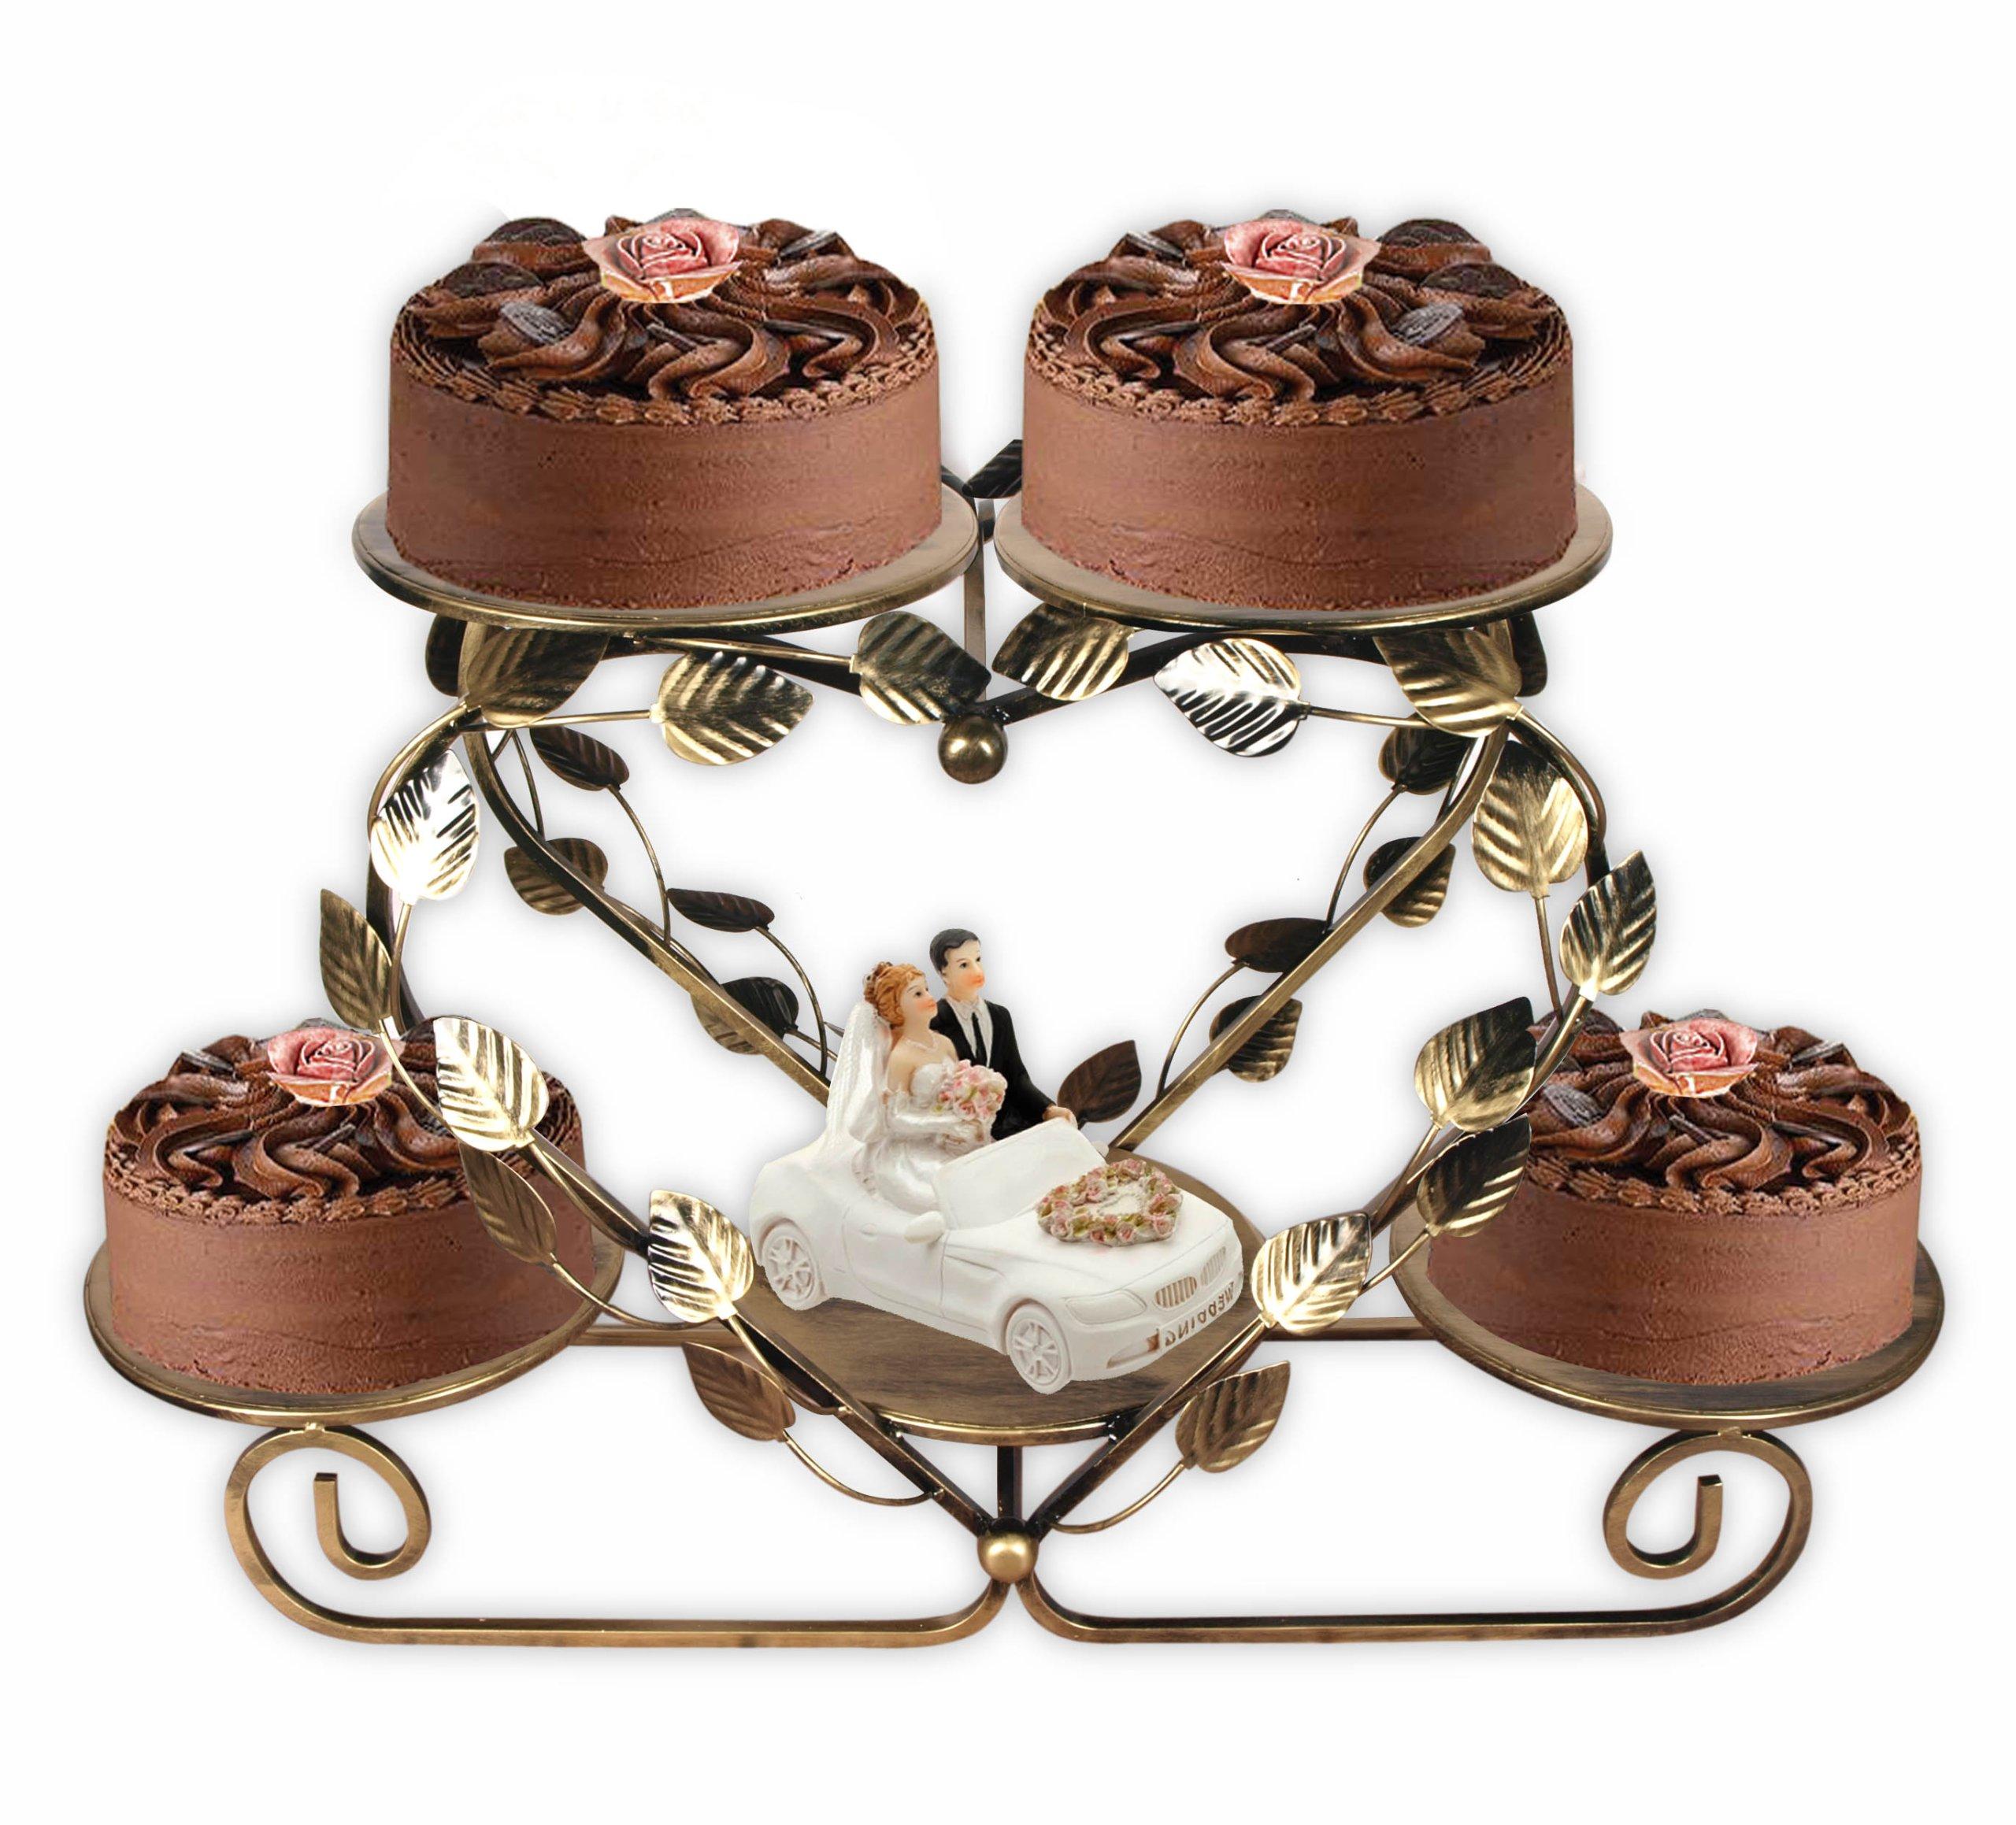 Nábytok Stojan pre Cake Gastronómia Svadobné Party Decor